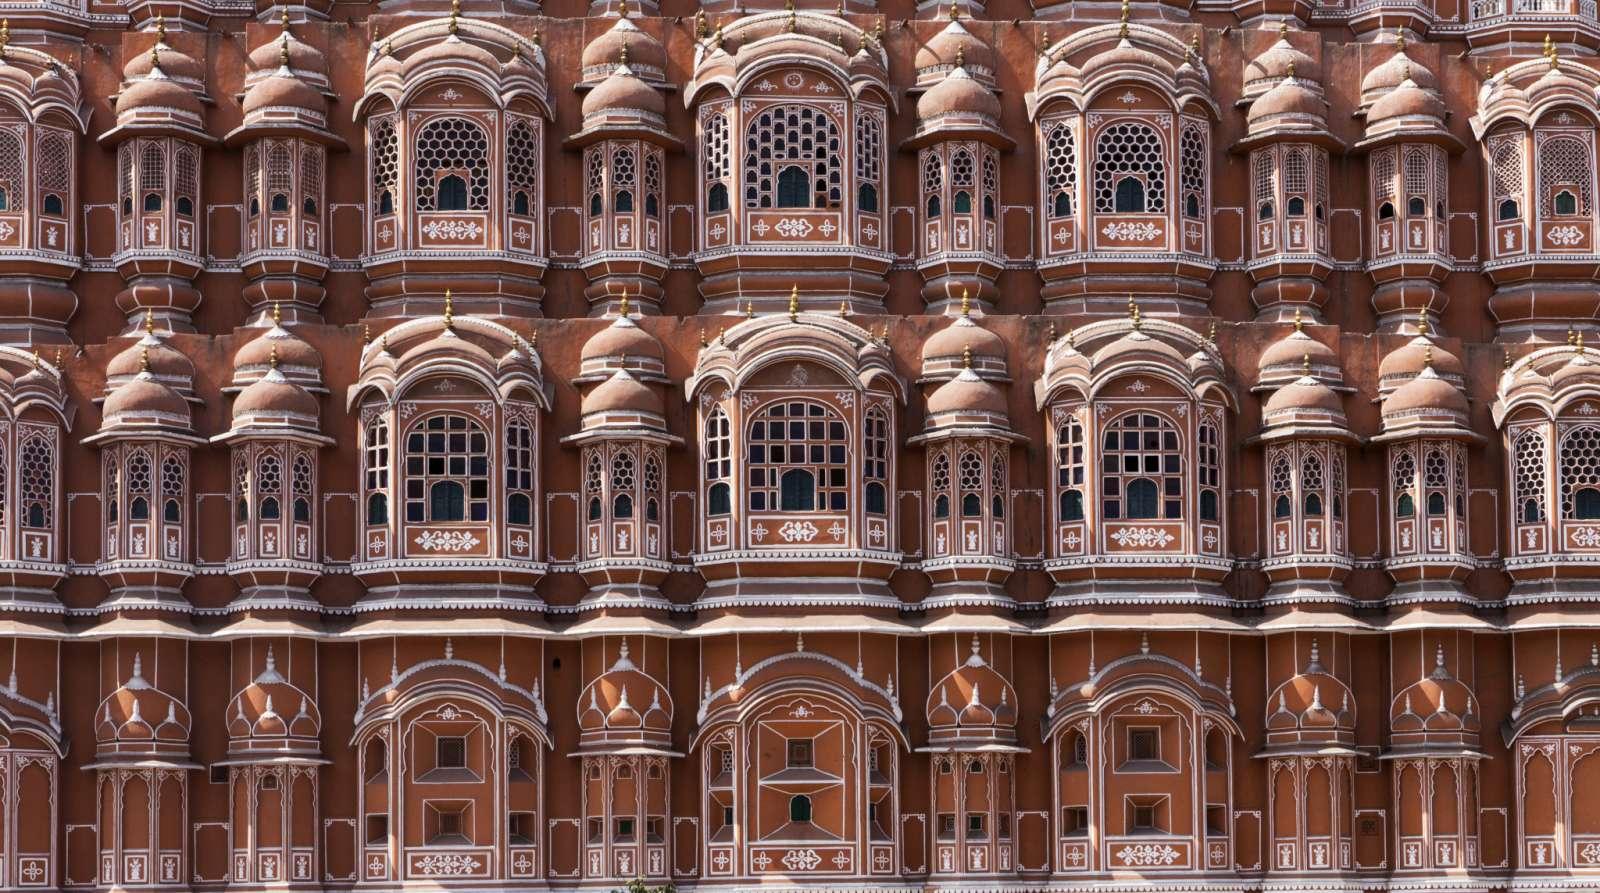 Hawa mahal, Jaipur, India, patrikpaulinyi